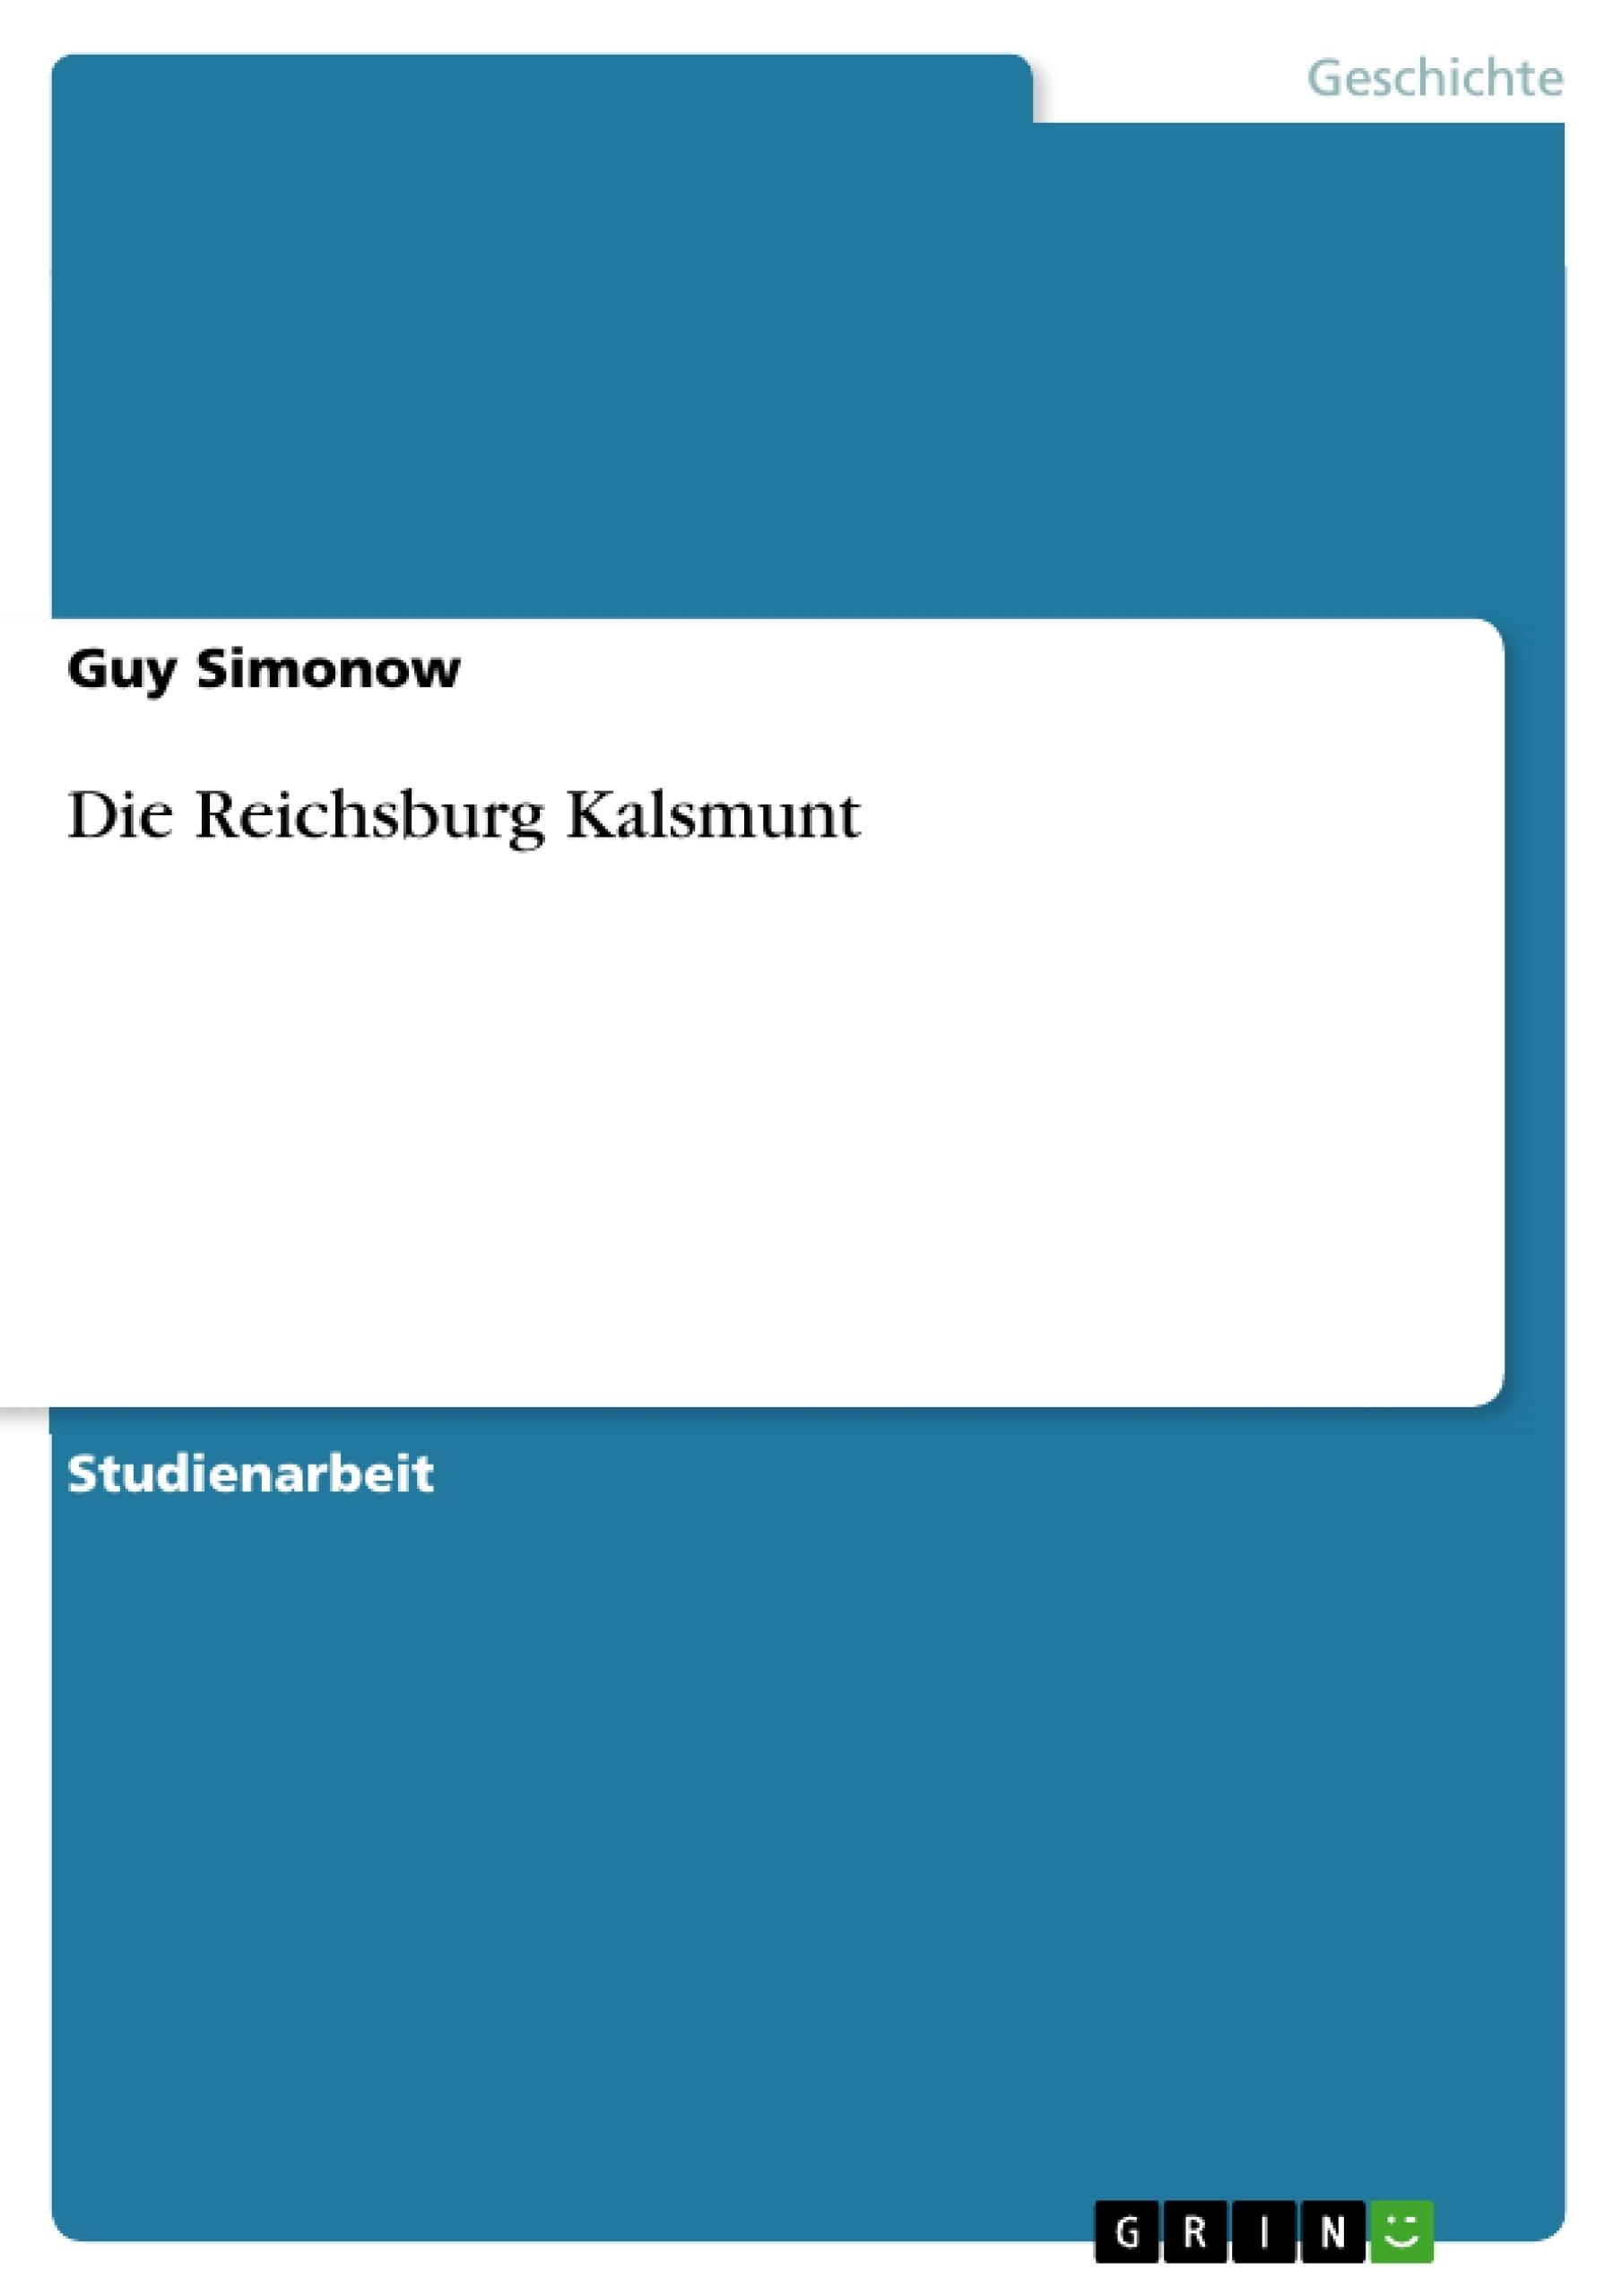 Titel: Die Reichsburg Kalsmunt